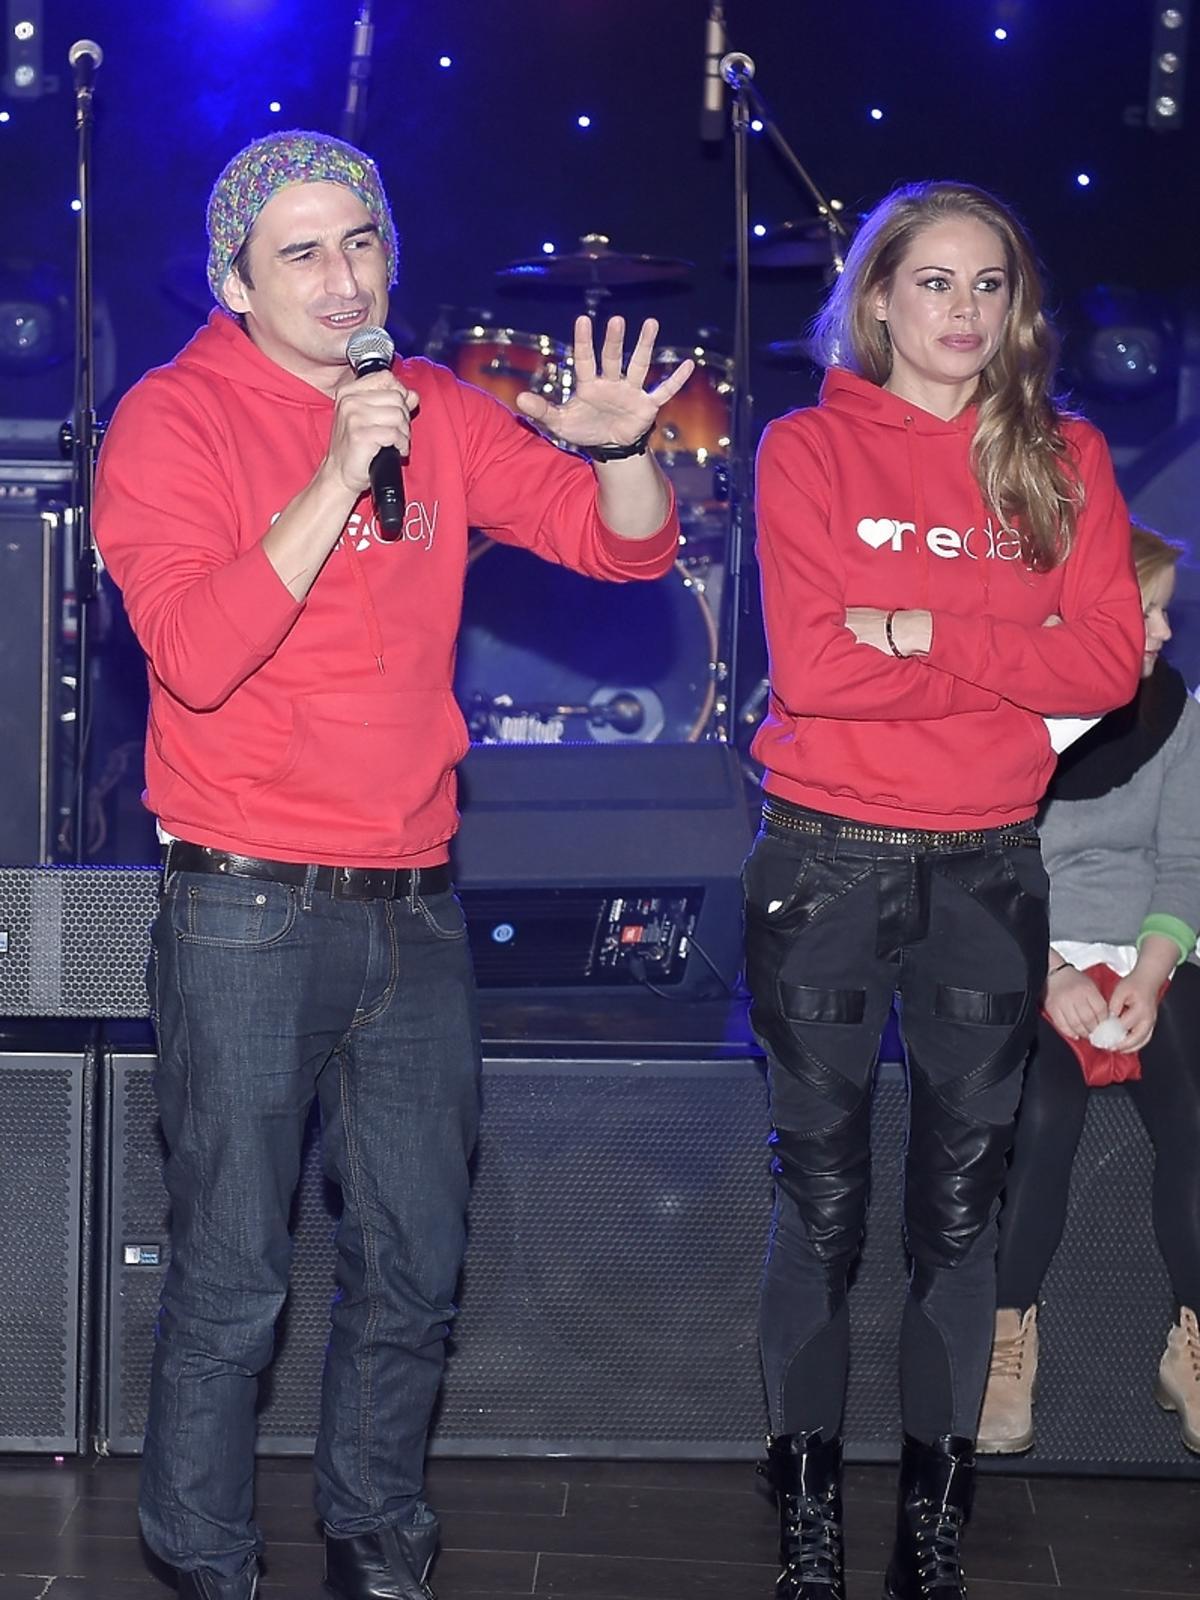 Michał Koterski i Magda Modra na imprezie charytatywnej fundacji One Day